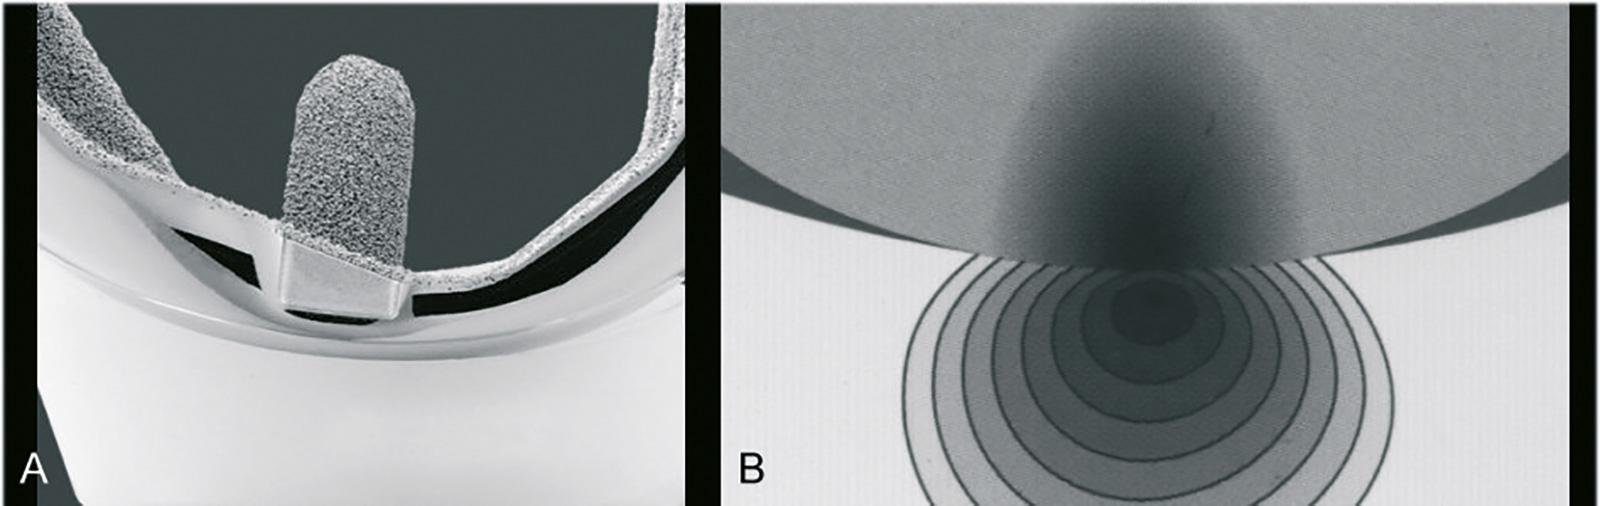 Abb. 1-43: Das konforme Polyethylenplateau der LCS-Knieprothese (A) im Vergleich zu einem flachen Polyethylenplateau mit geringer Kontaktfläche (B) (Mit freundlicher Genehmigung DePuy Orthopädie GmbH)